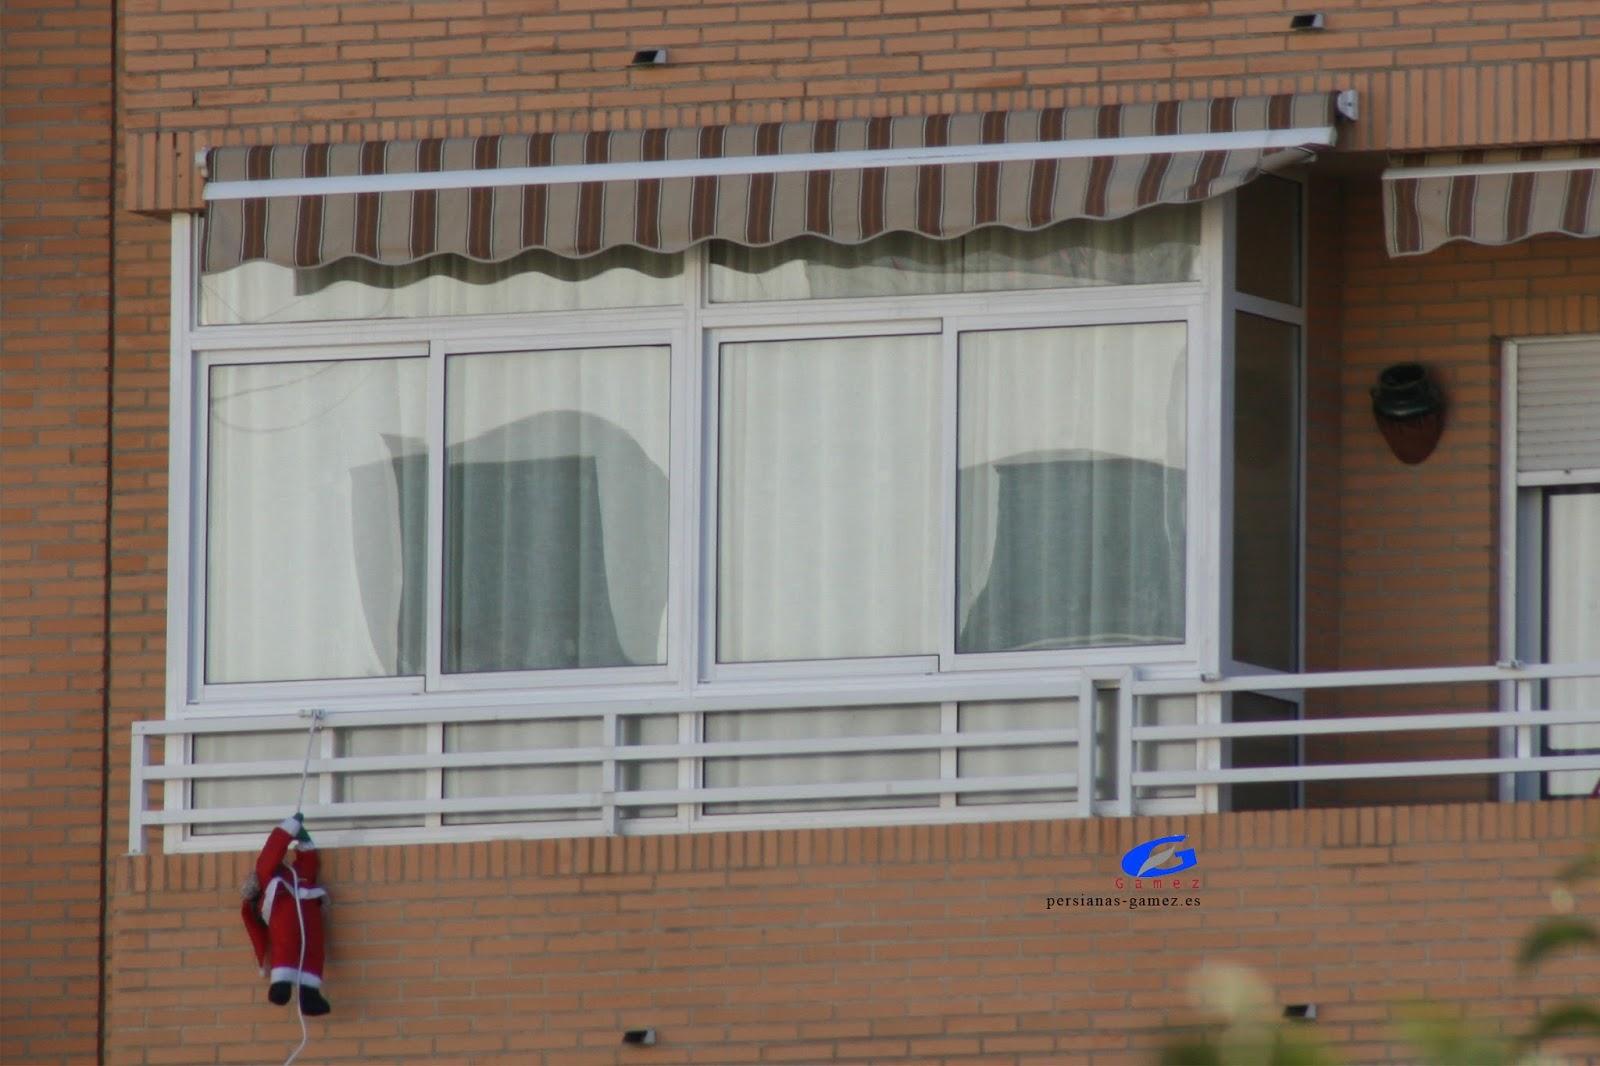 Desea cerrar su balc n cerramientos en m laga web en for Acristalamiento de terrazas precios